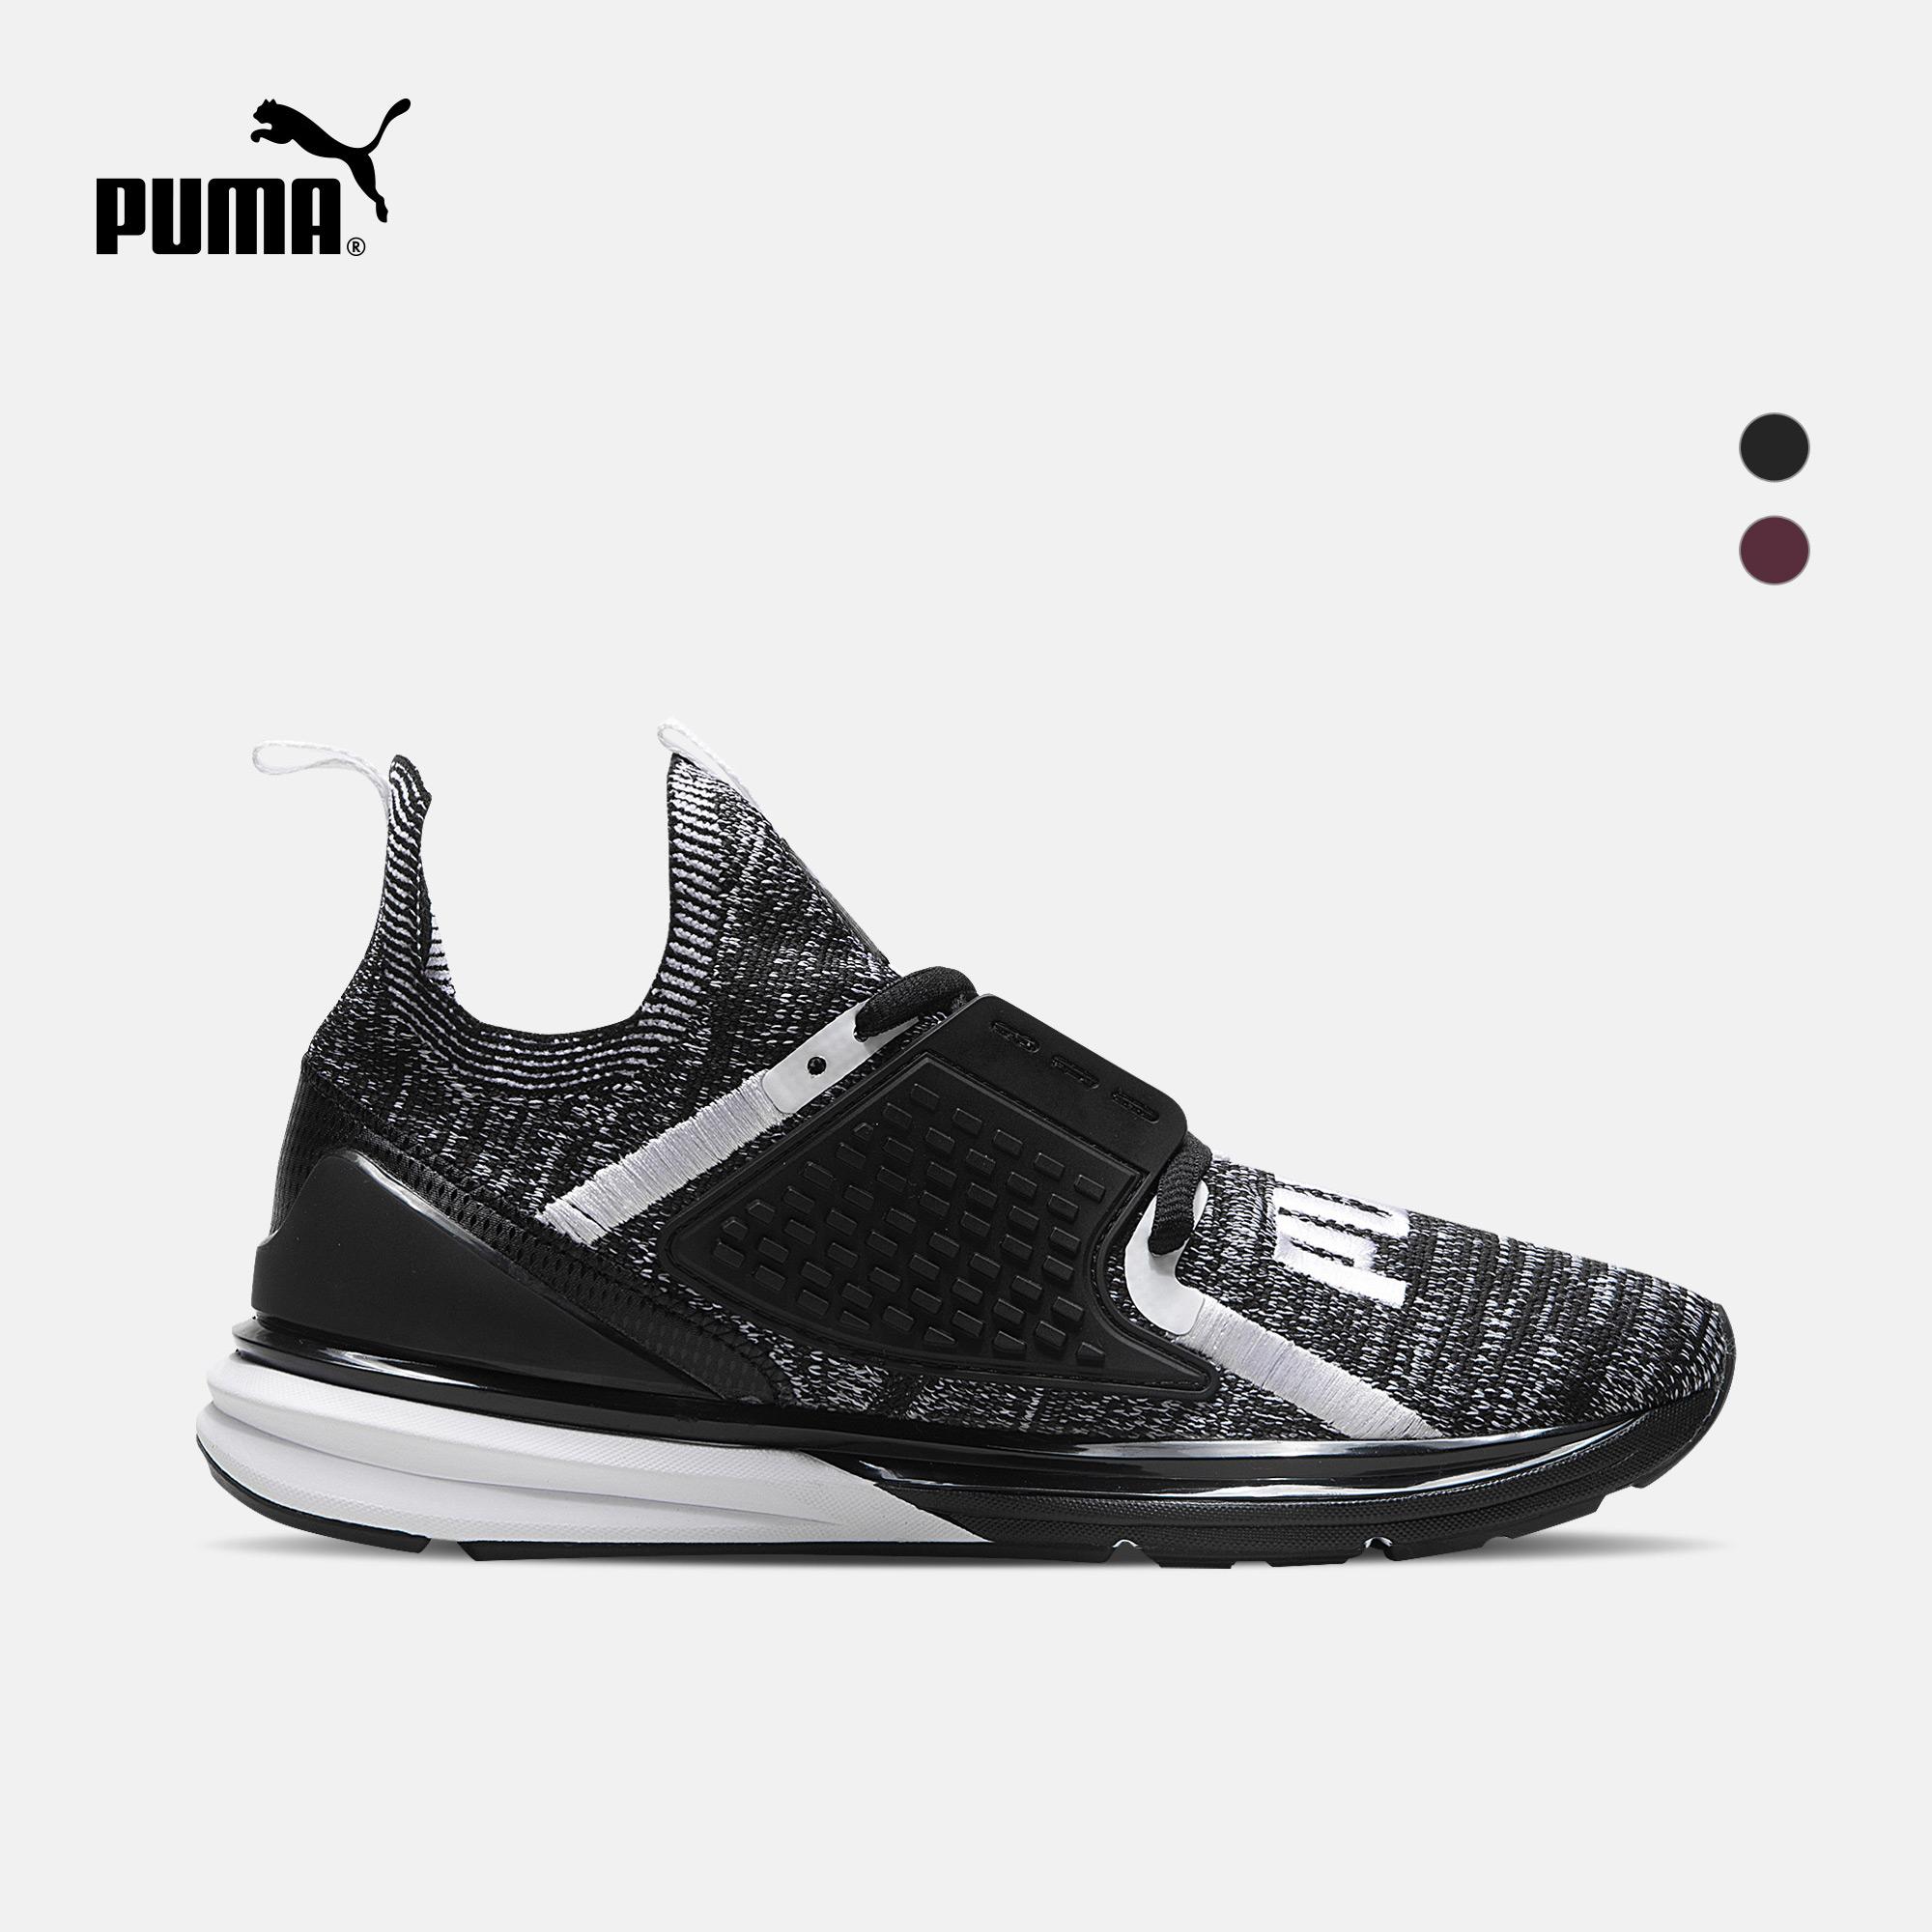 PUMA彪马官方 男子跑步鞋 Limitless 2 evoKNIT Block 191597